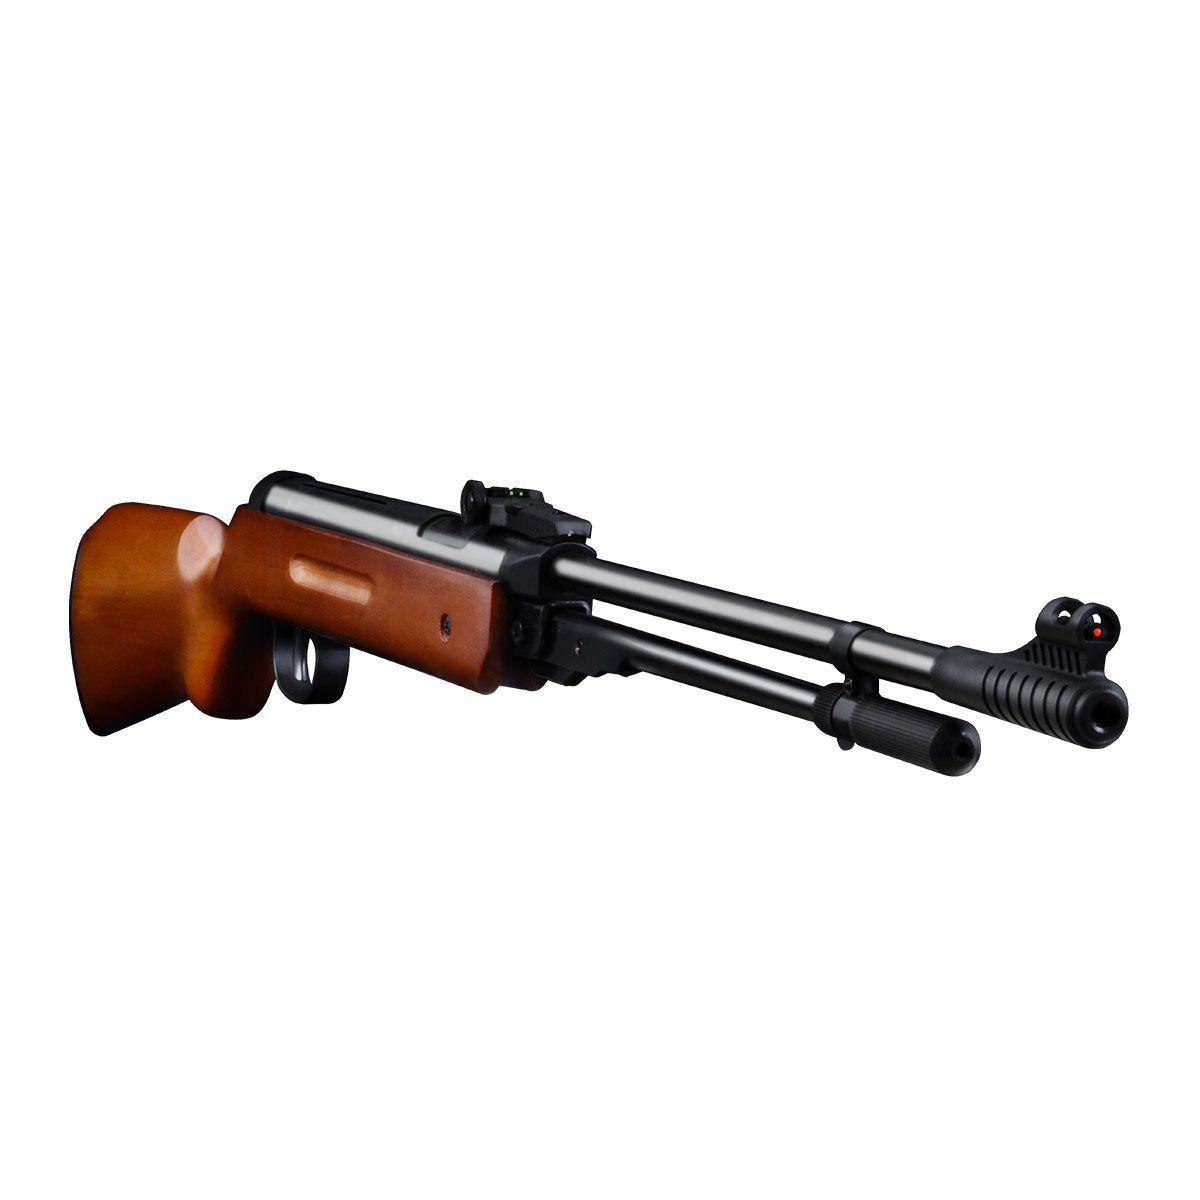 Carabina de Pressão Fixxar Spring West Cabo Madeira 5,5mm